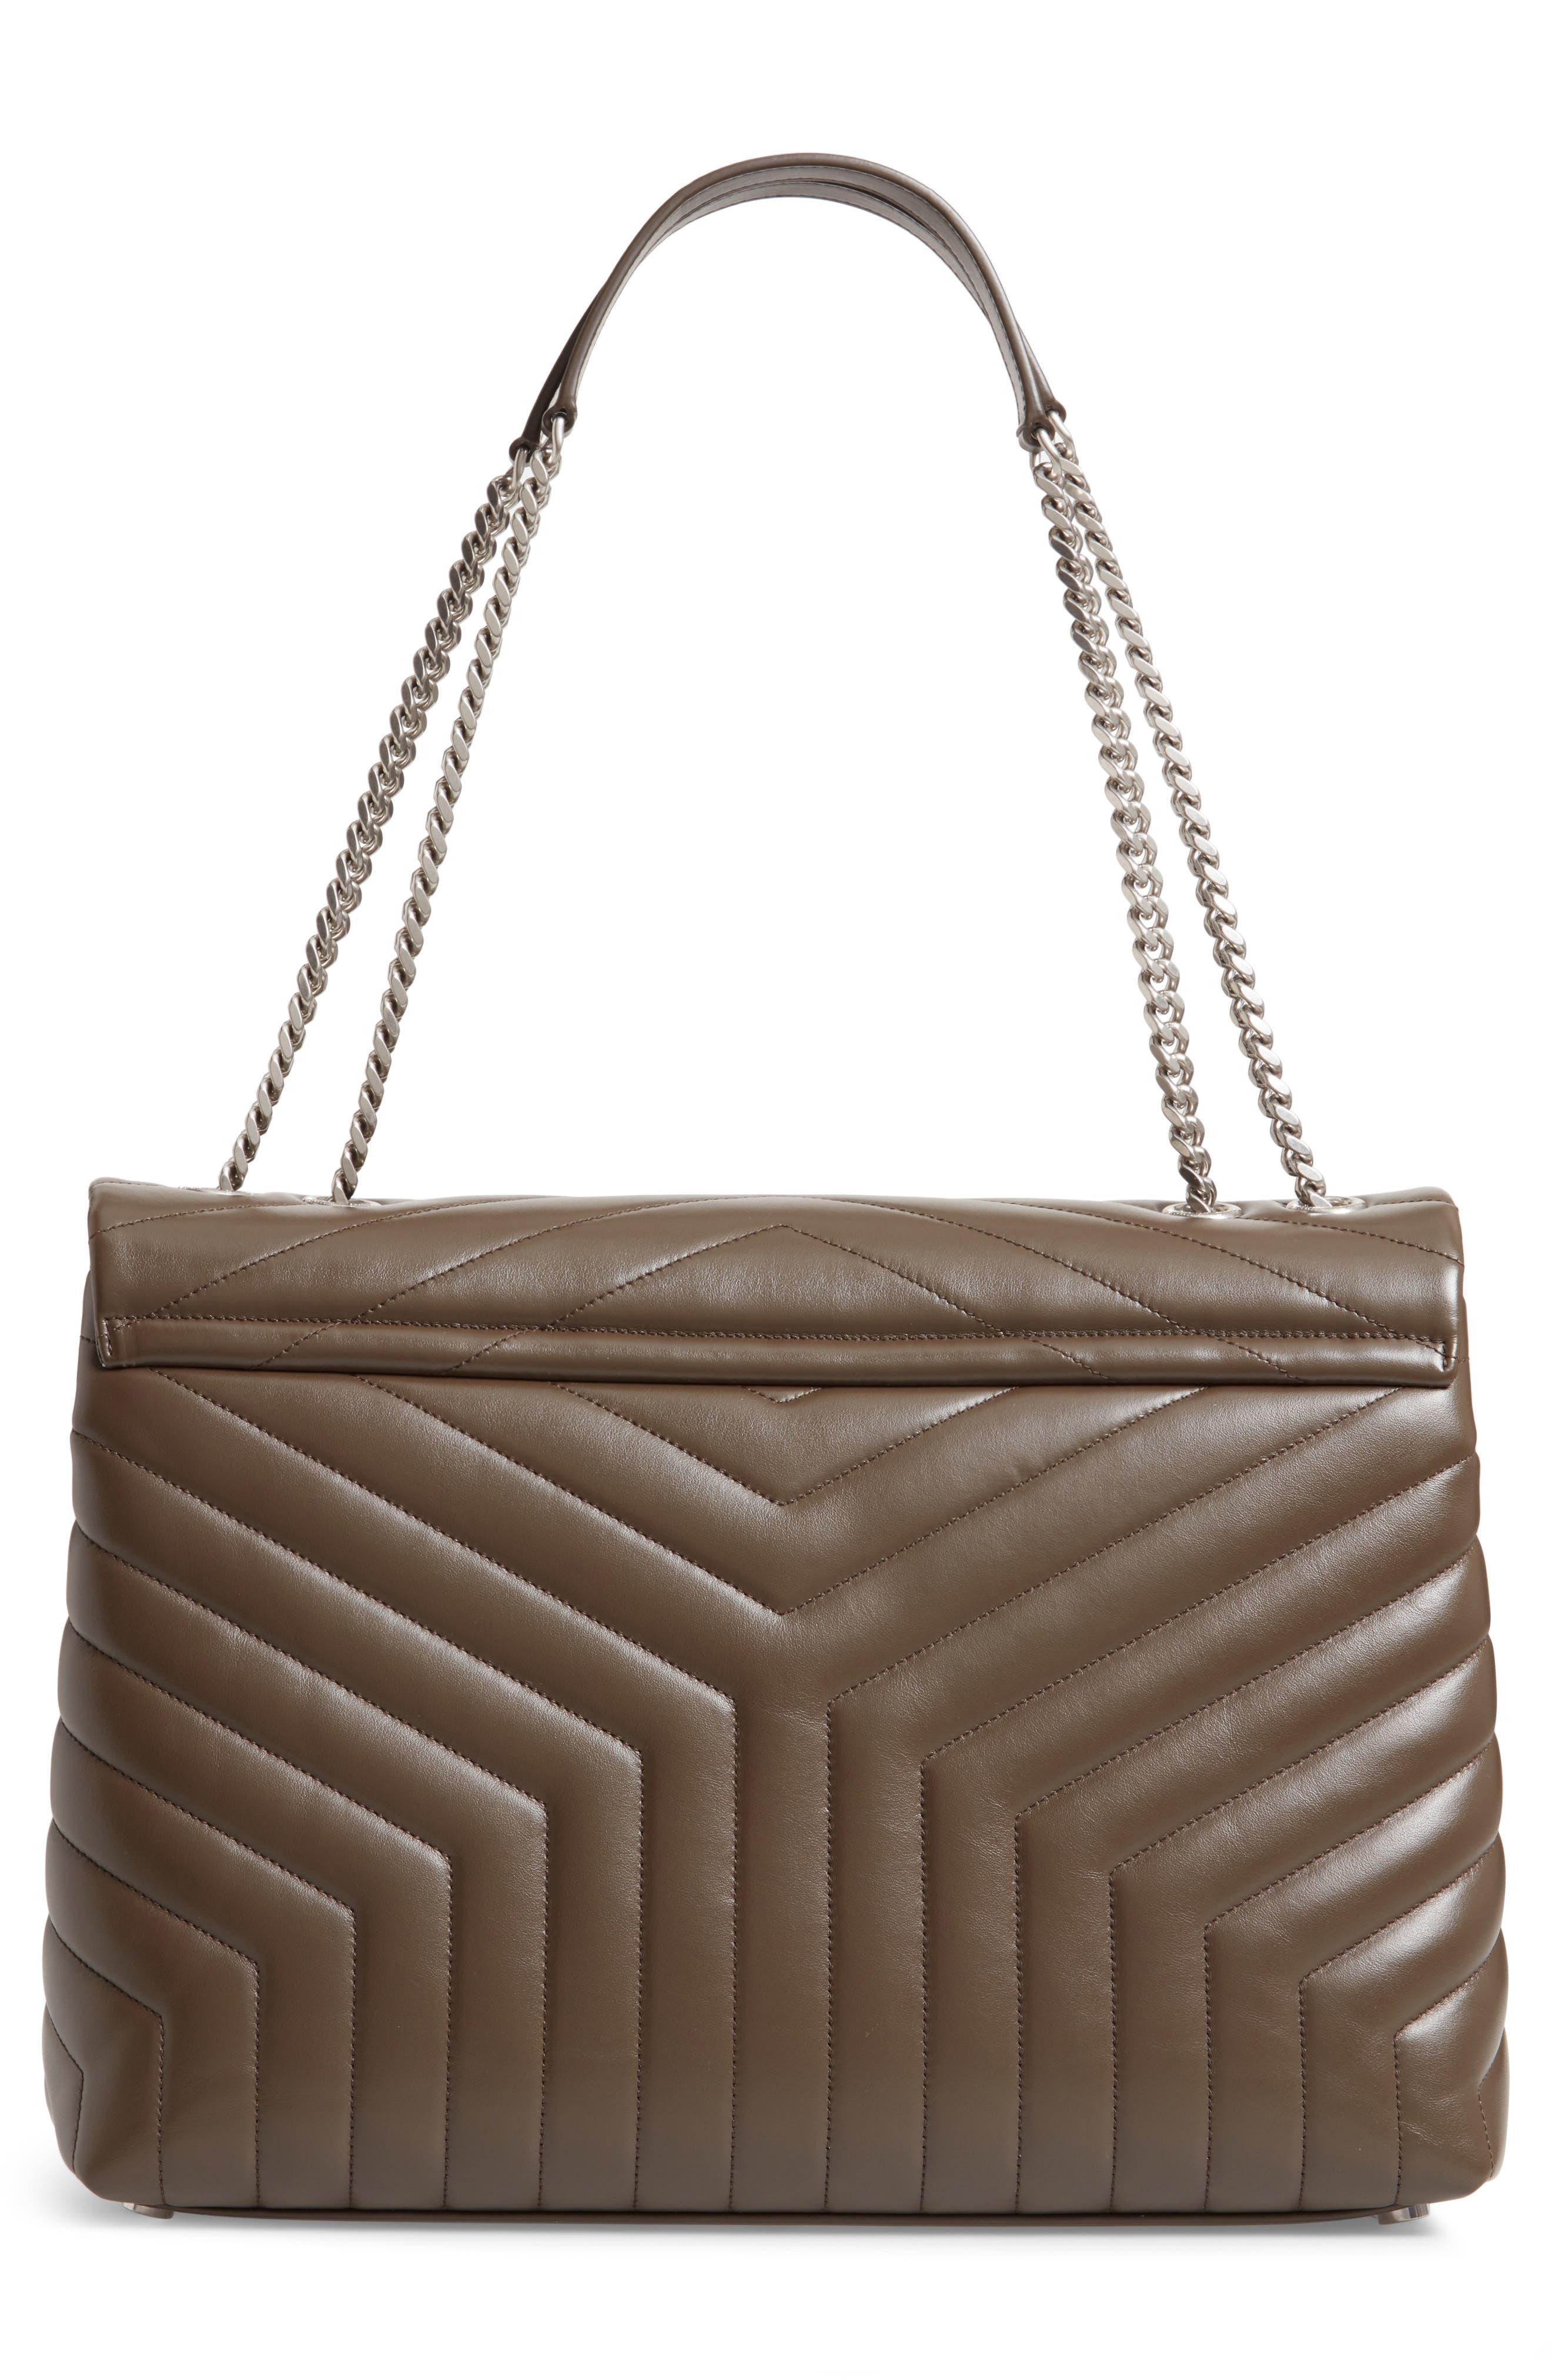 SAINT LAURENT, Large Loulou Matelassé Leather Shoulder Bag, Alternate thumbnail 3, color, FAGGIO/ FAGGIO